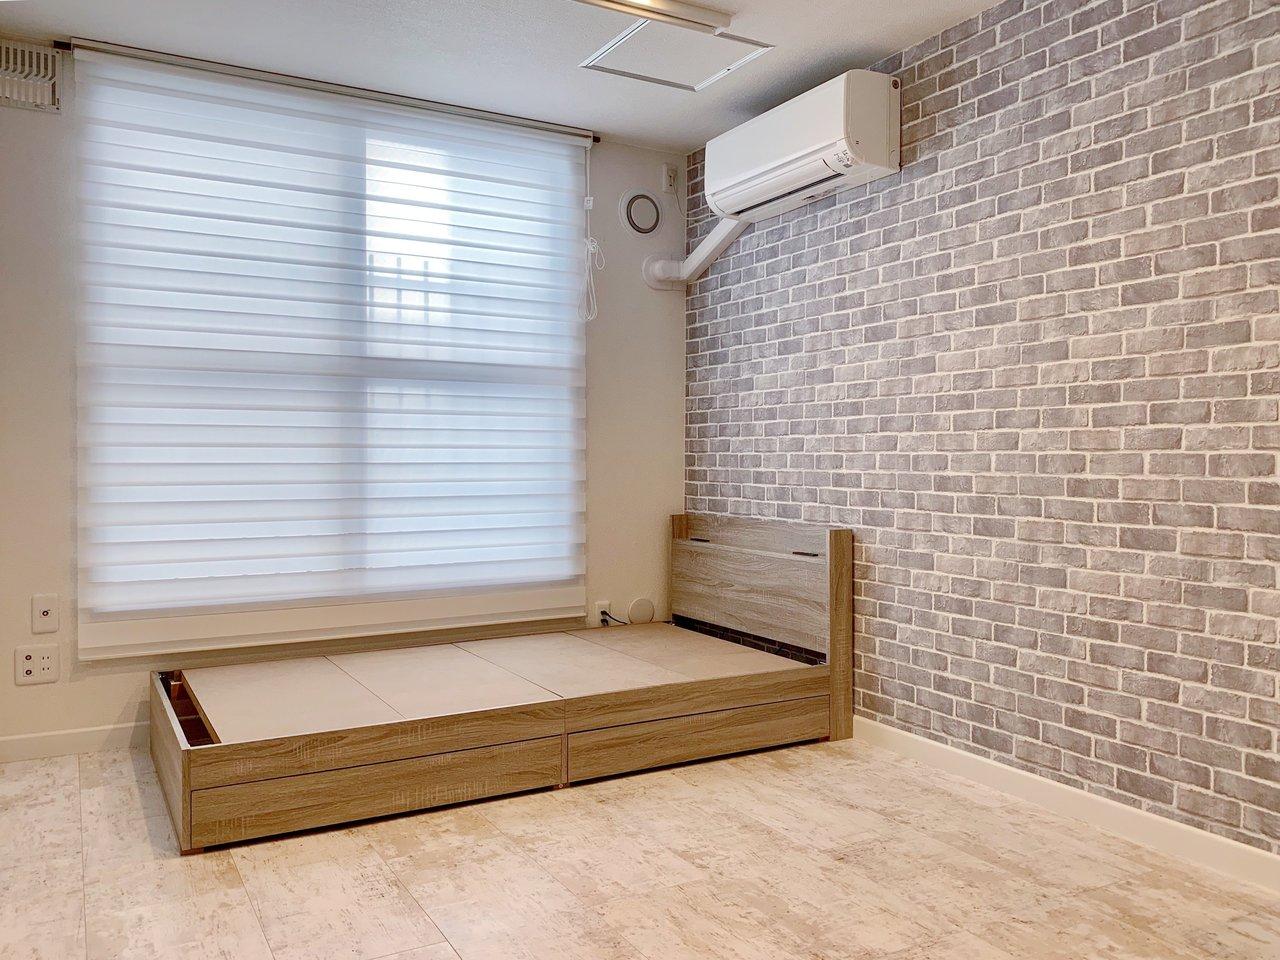 6畳のお部屋には、このようにベッドがどーんと。あ、マットレスもご準備くださいね。ベッド下はちょっとした収納スペースにもなっています。壁紙もレンガ調であたたかみがありますね。